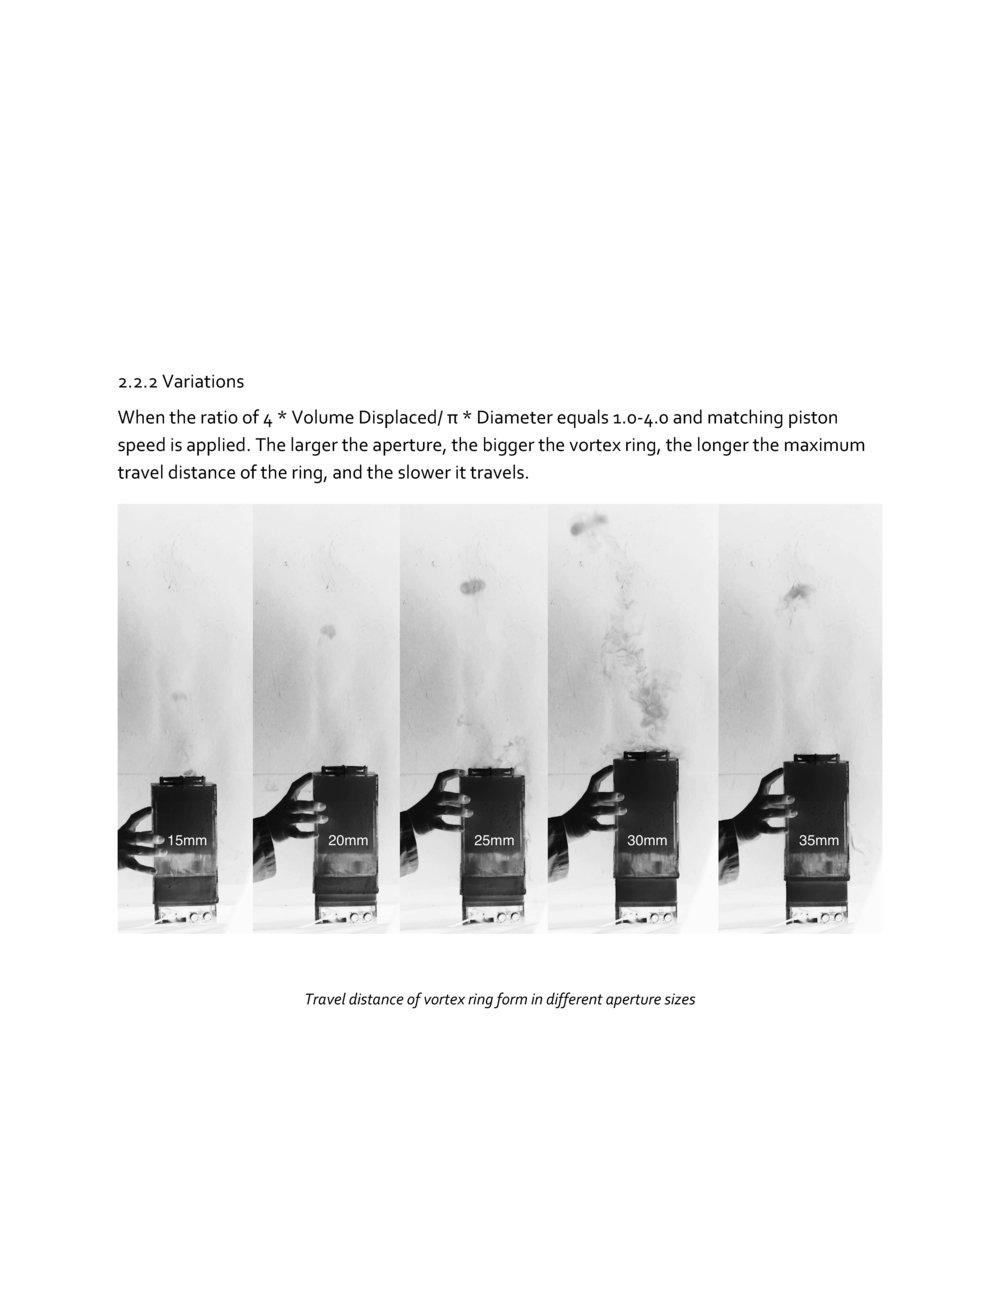 Honghao Deng Thesis Web2 ver_Page_26.jpg